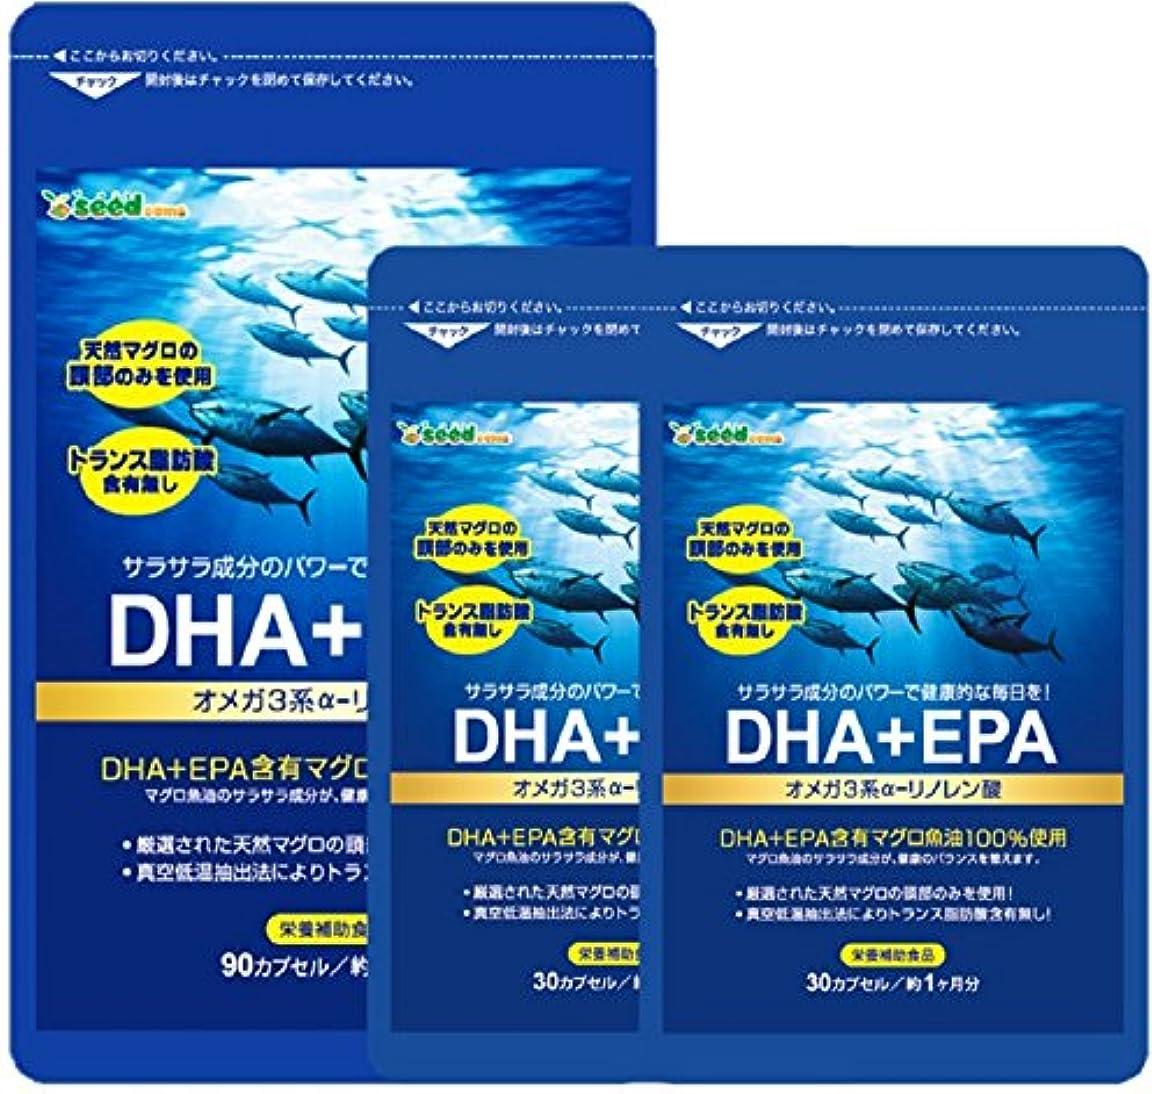 事前死すべきはっきりしないDHA + EPA 約5ヶ月分/150粒 ( オメガ系 α-リノレン酸 )トランス脂肪酸 0㎎